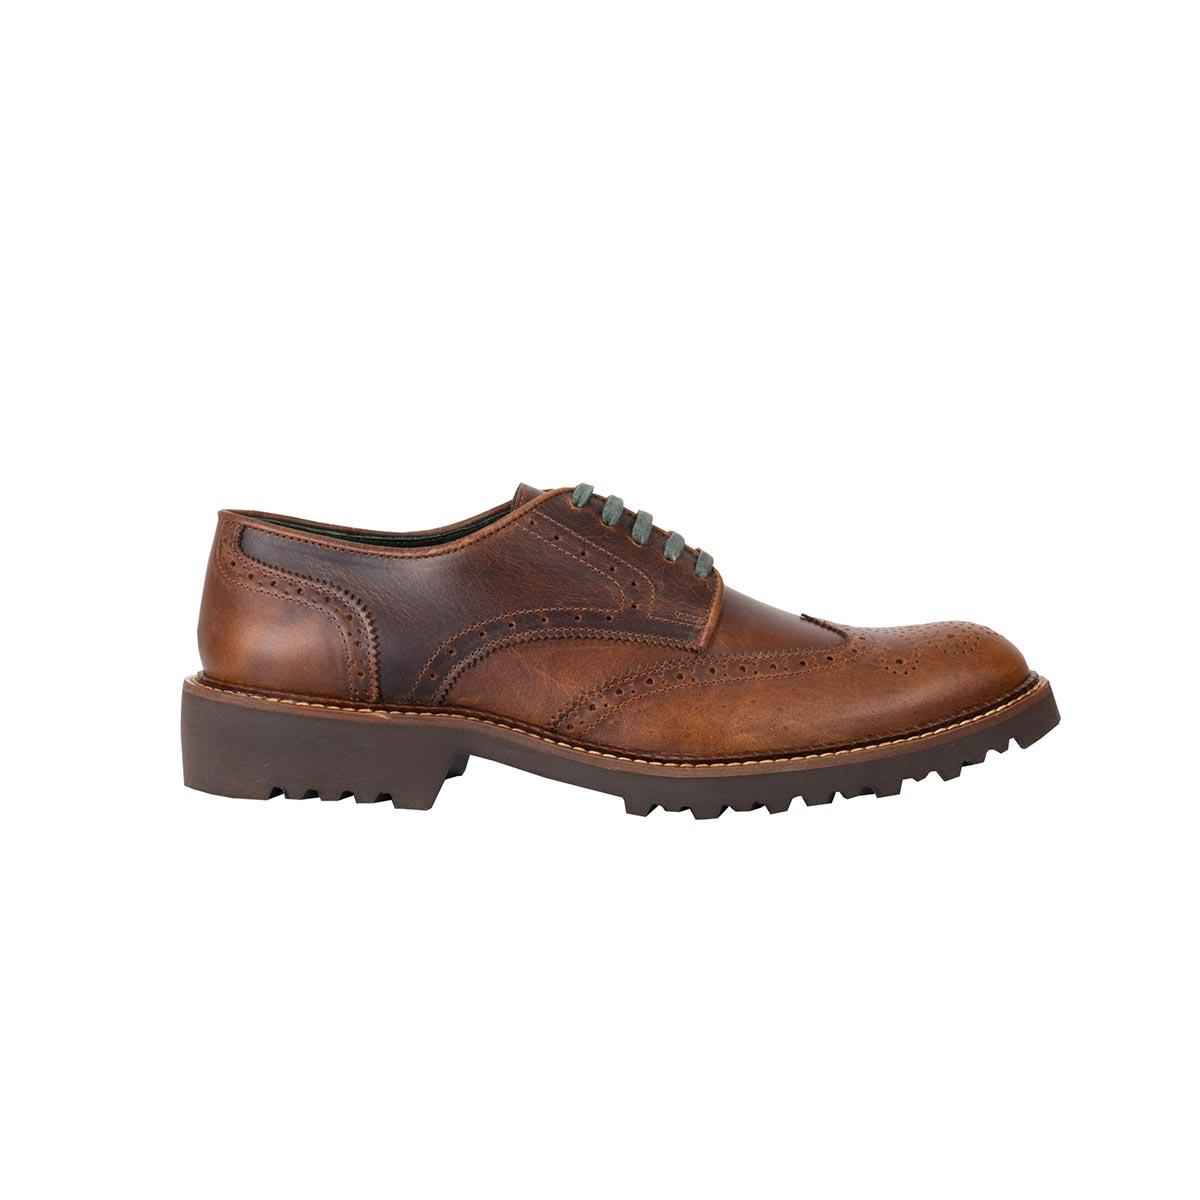 085-zapato-lateral